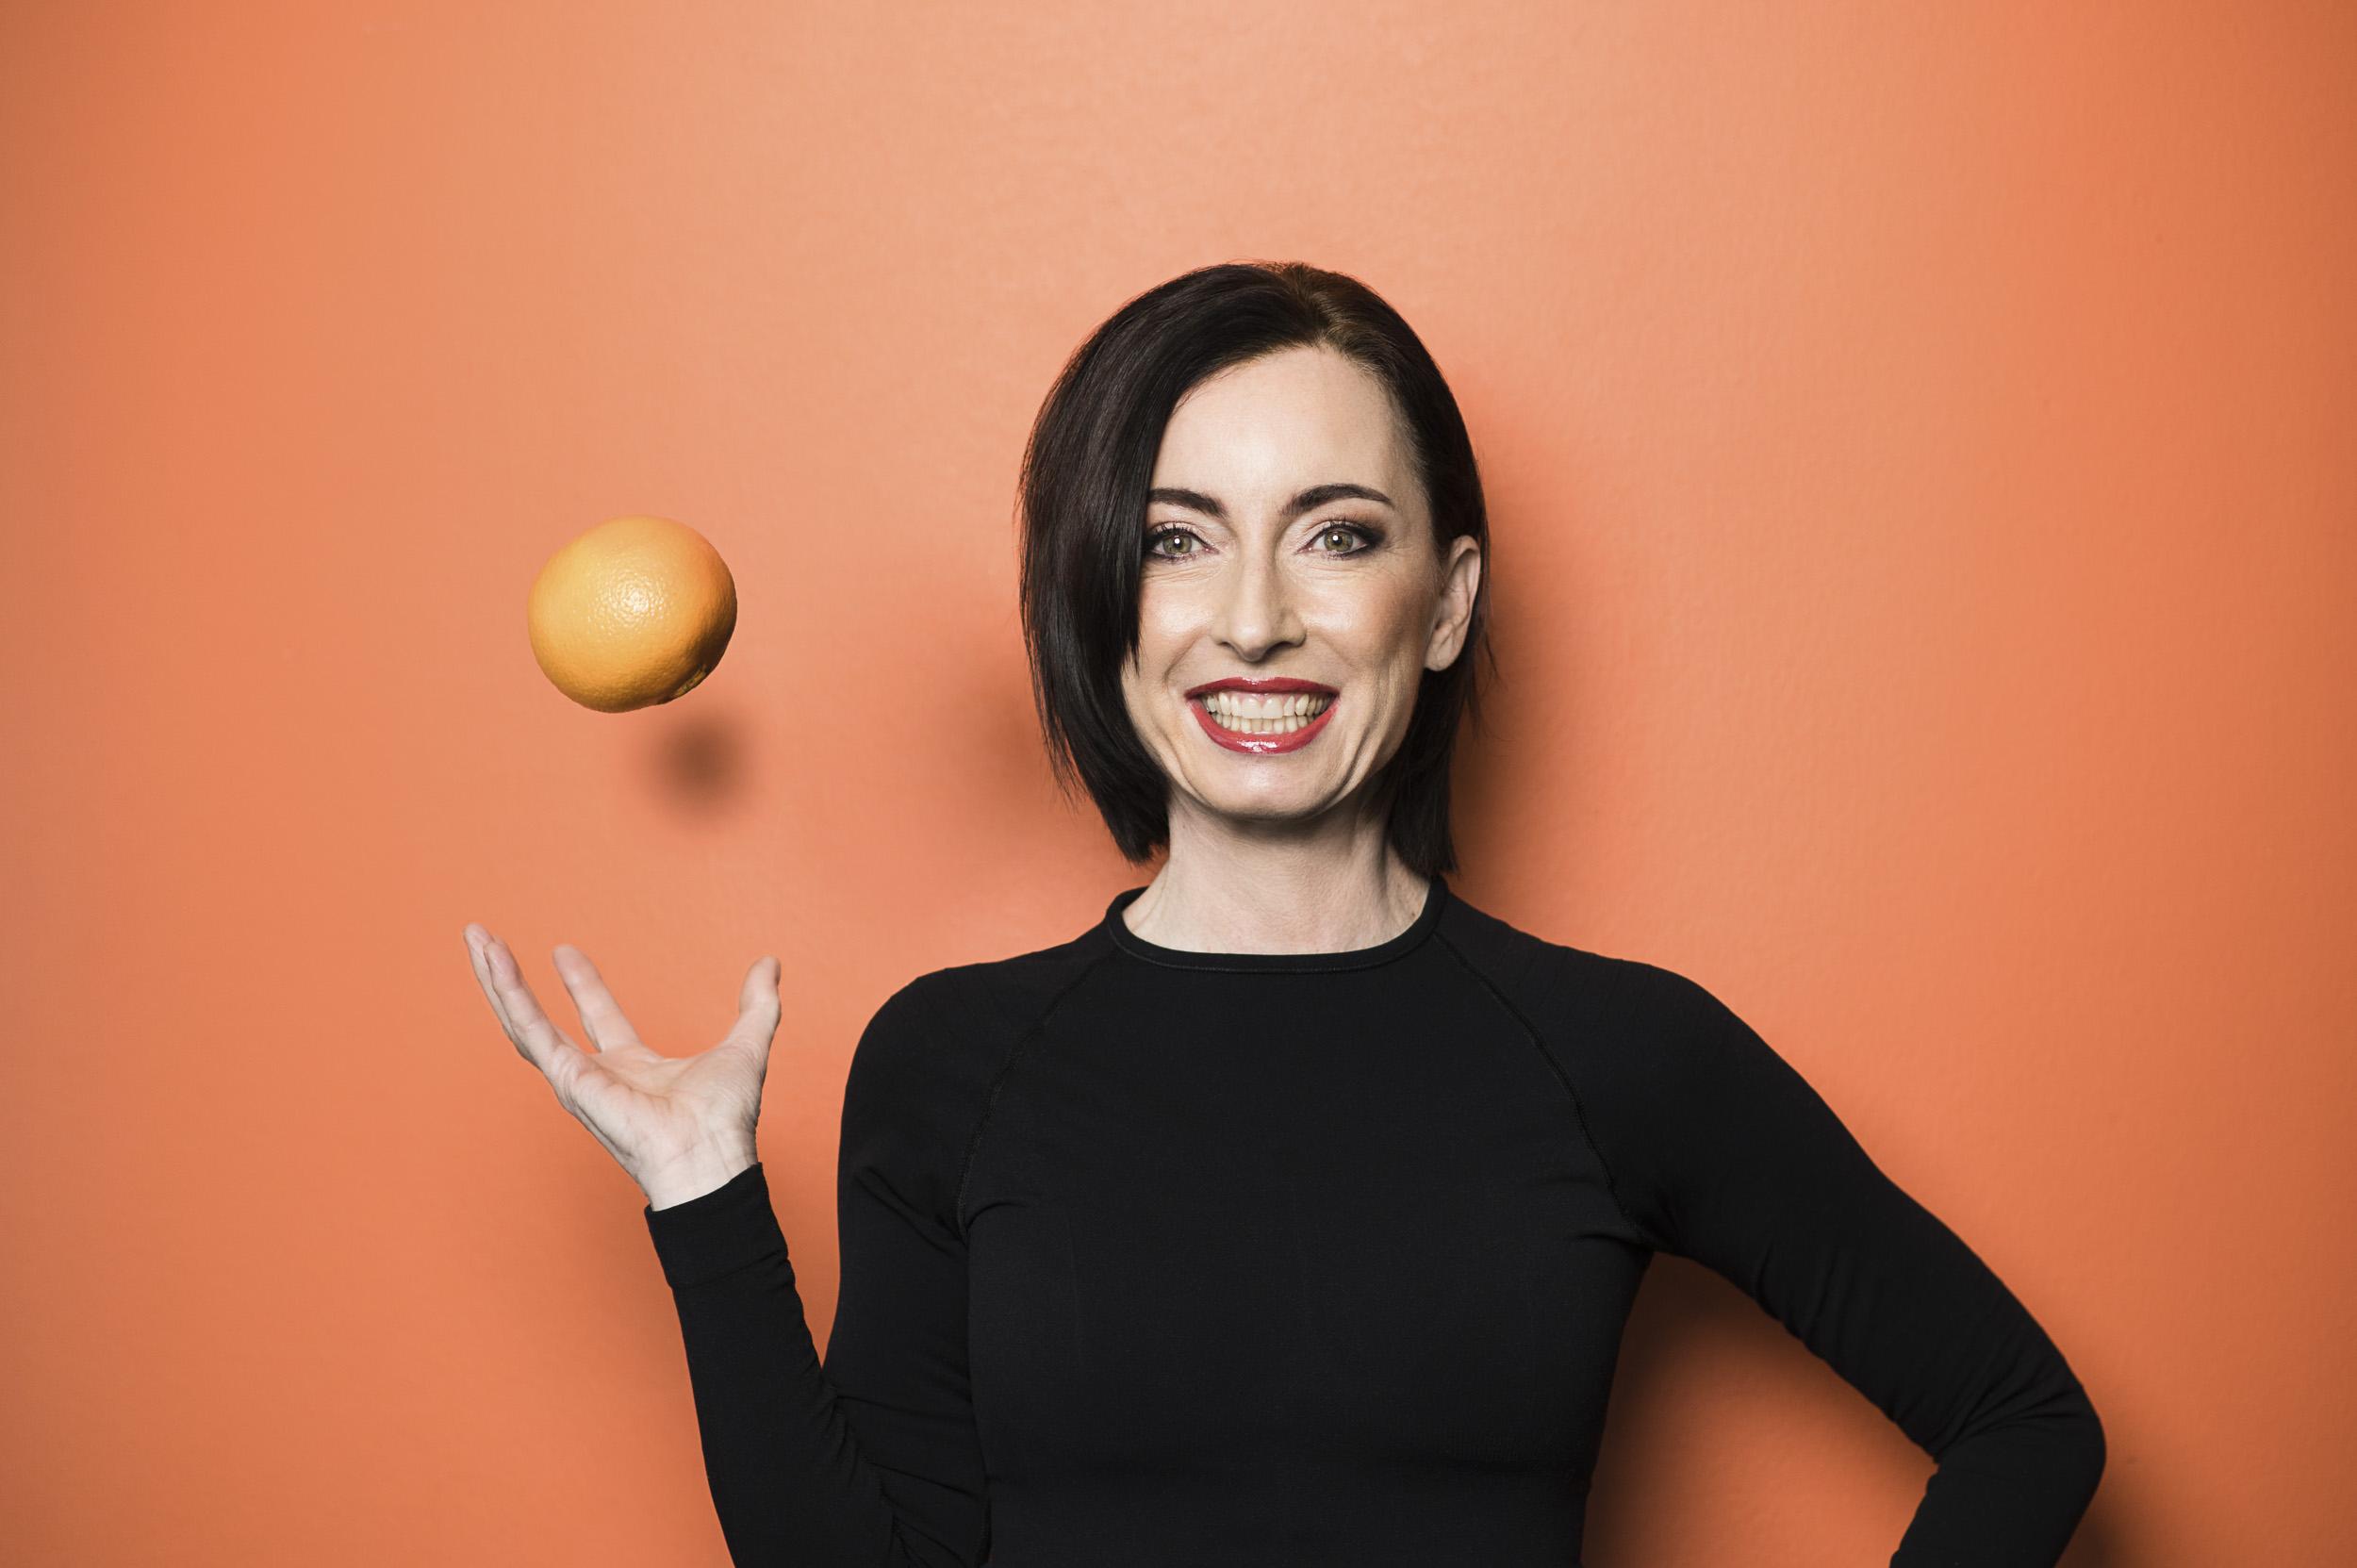 """""""Ich essen nicht für meine Figur, ich esse für mein Gehirn!"""" – Interview mit Dr. Manuela Macedonia, Teil 1"""